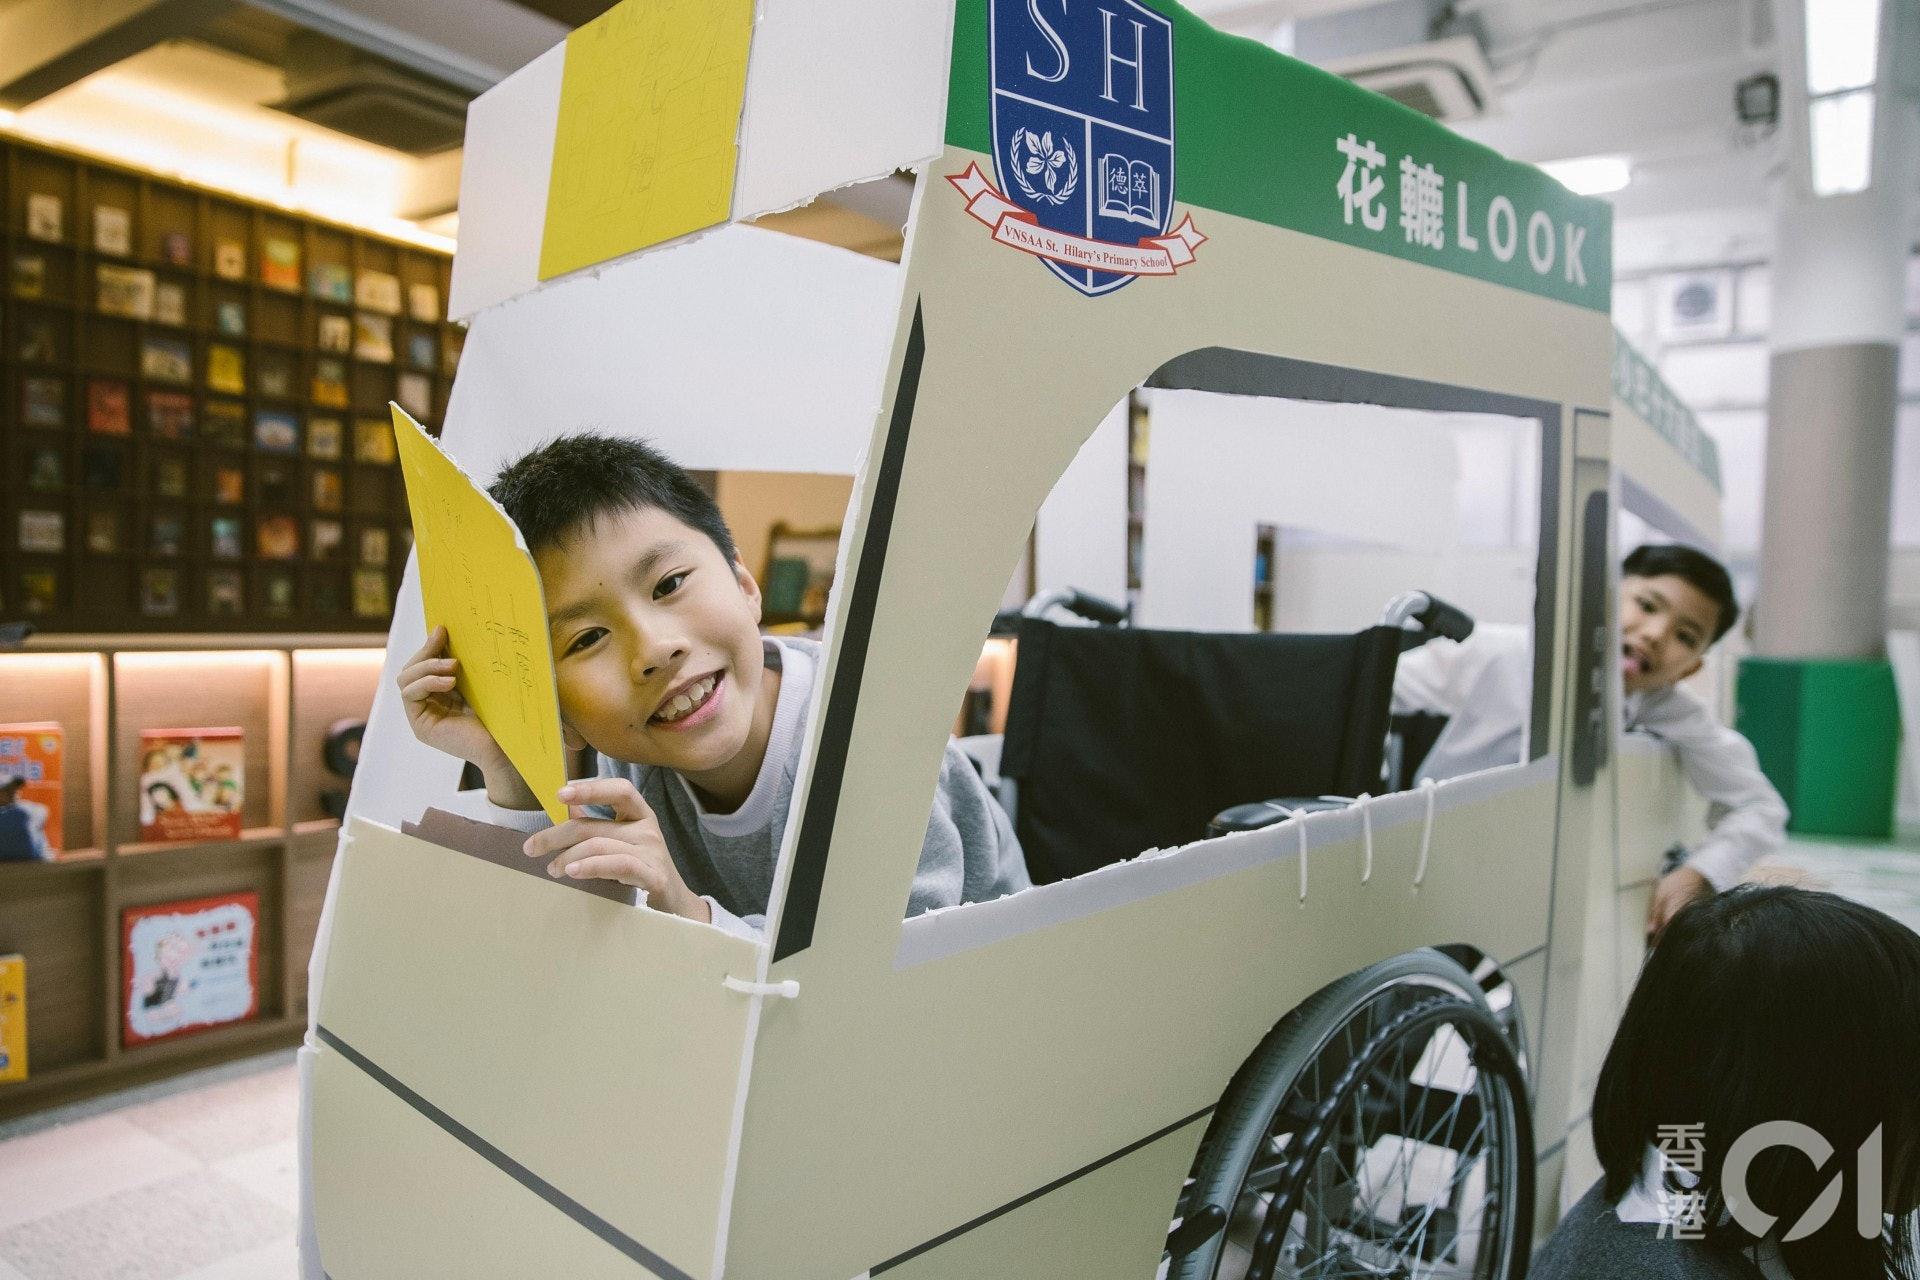 日常生活中較少機會接觸輪椅,學生們對輪椅相當好奇。(鄭子峰攝)